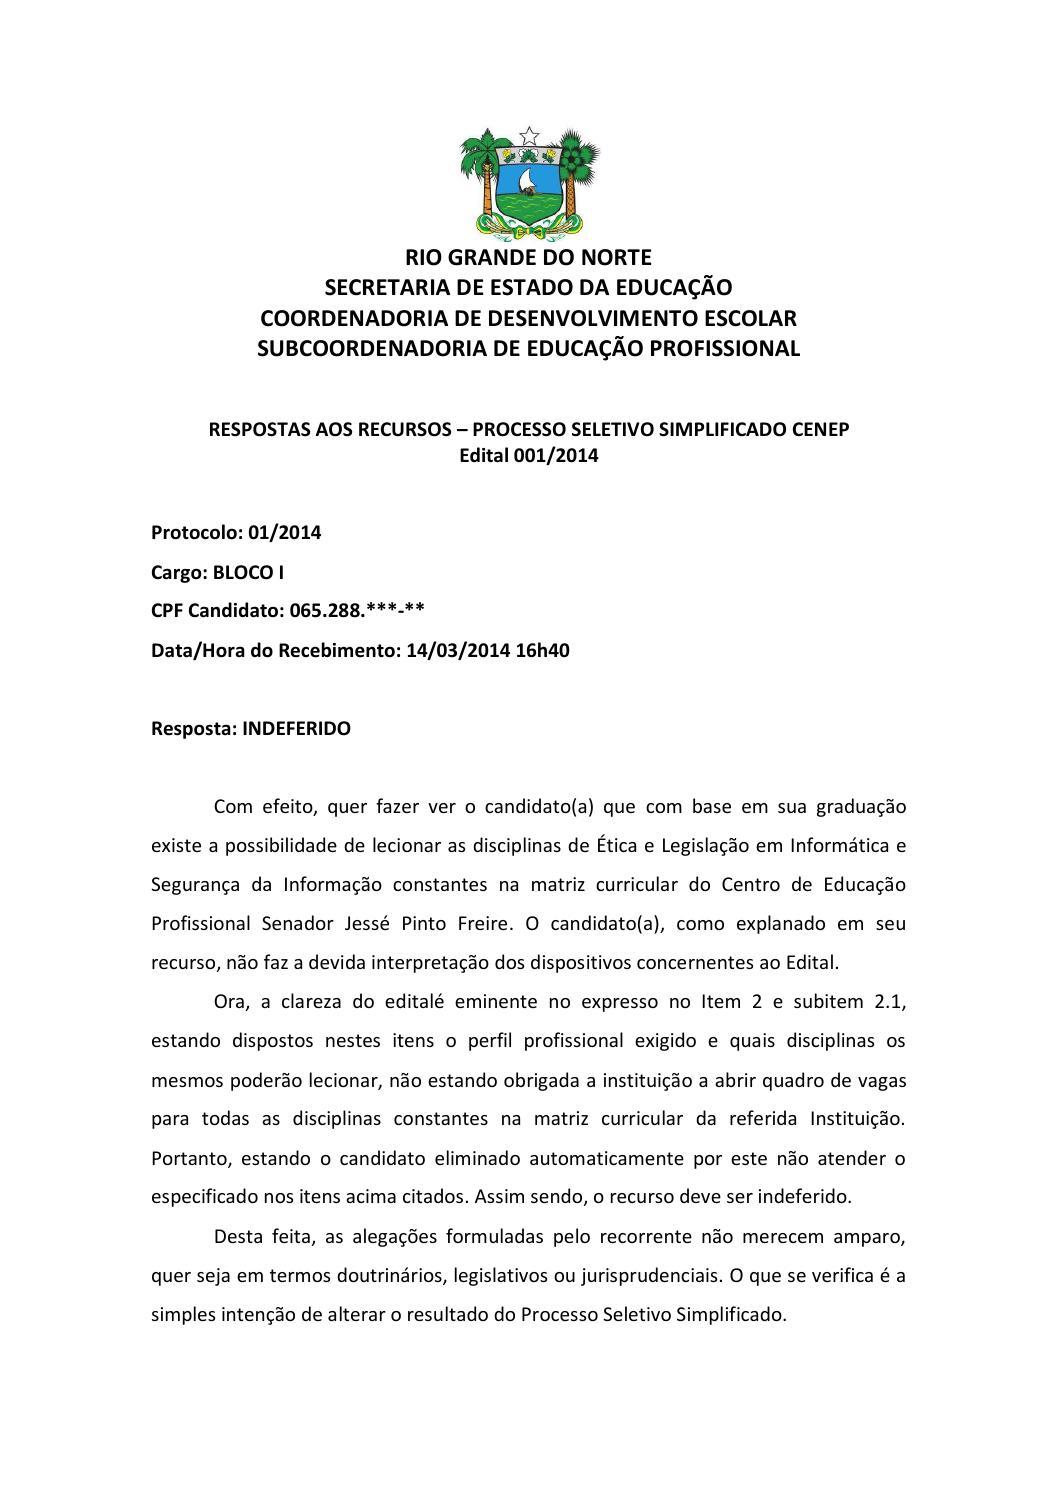 Respostas Recursos Edital 001 2014 Cenep By Assecom